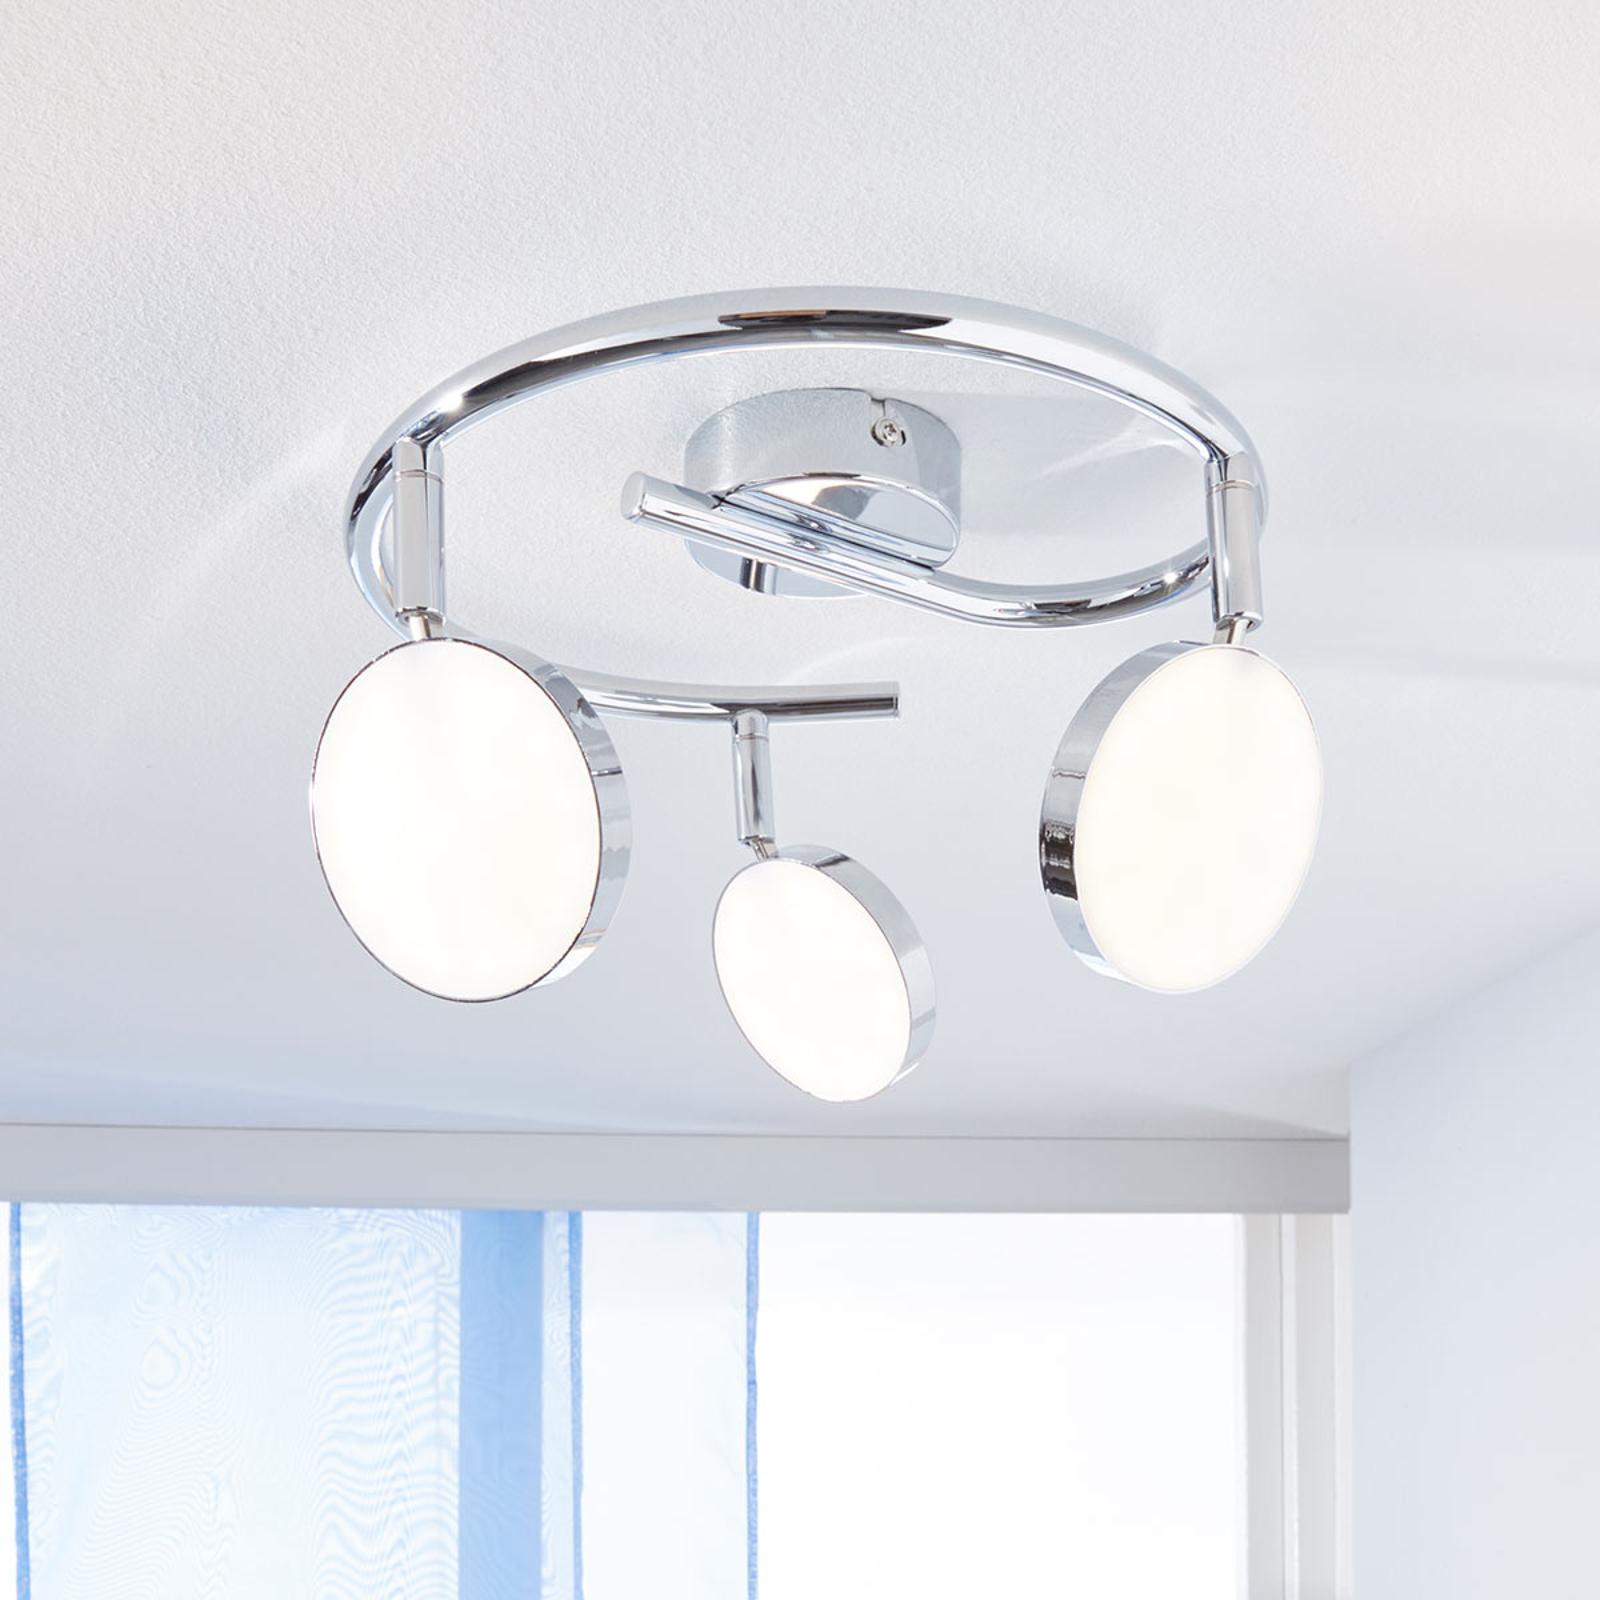 LED-kattokohdevalo Keylan 3-lamppuinen, pyöreä